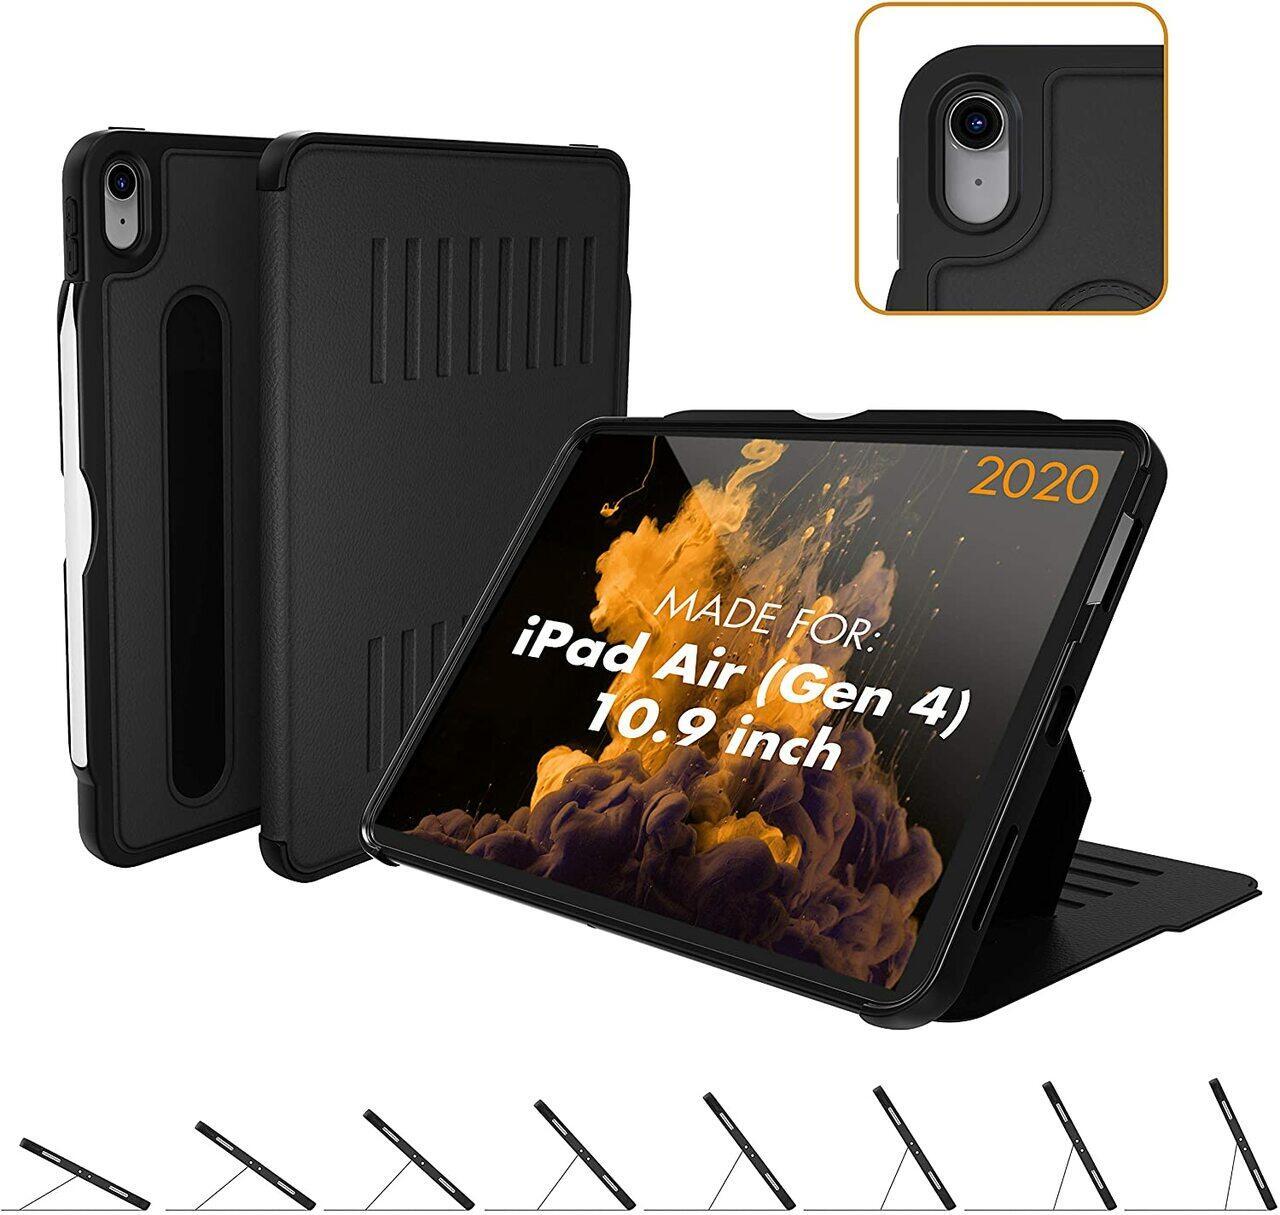 zugu-ipad-air-4-alpha-case-06229-1603991604.jpg